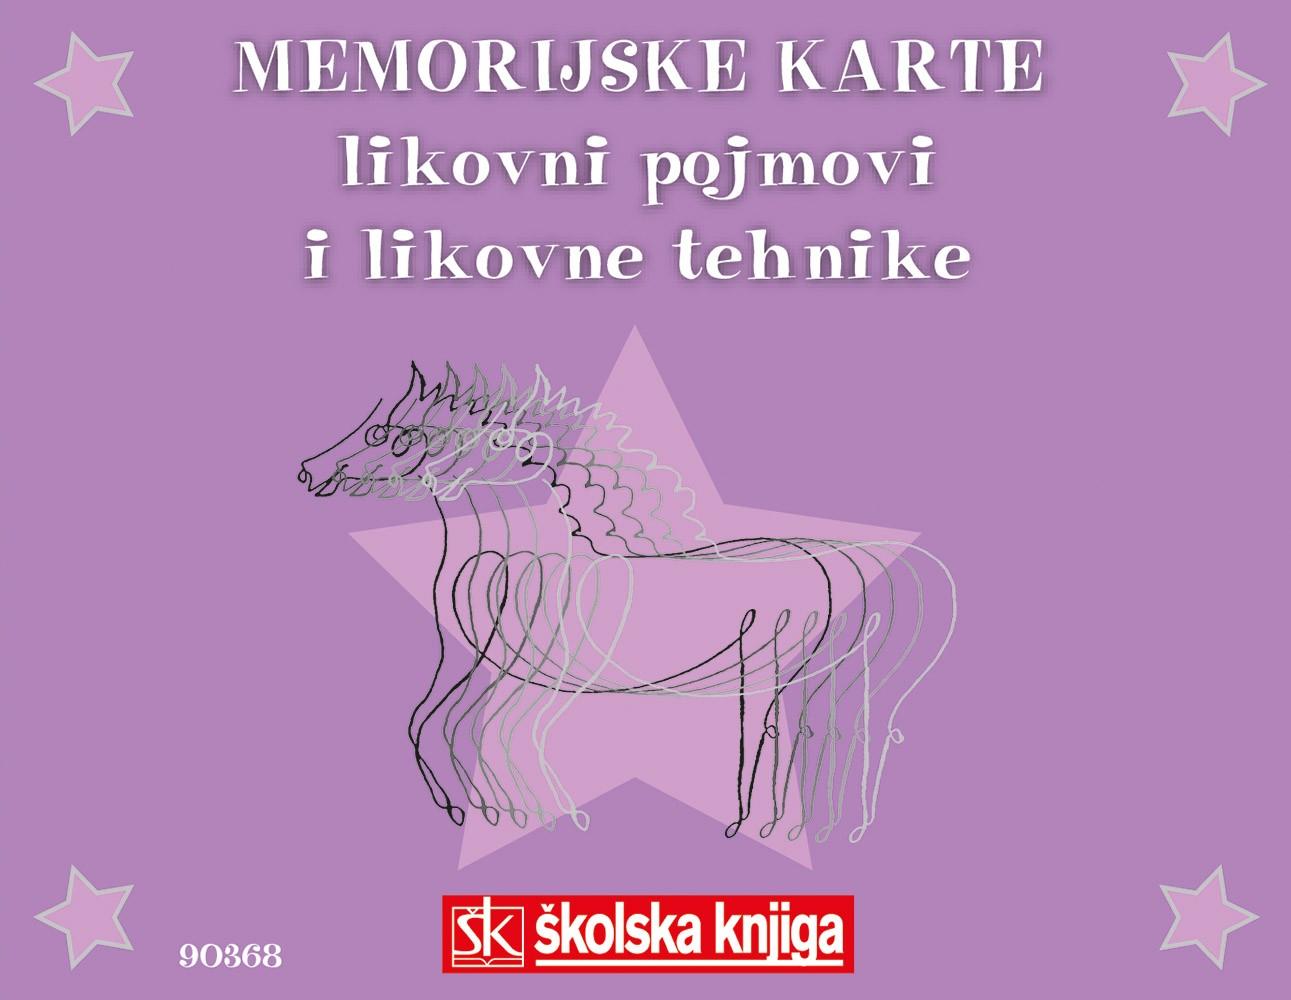 Memorijske karte